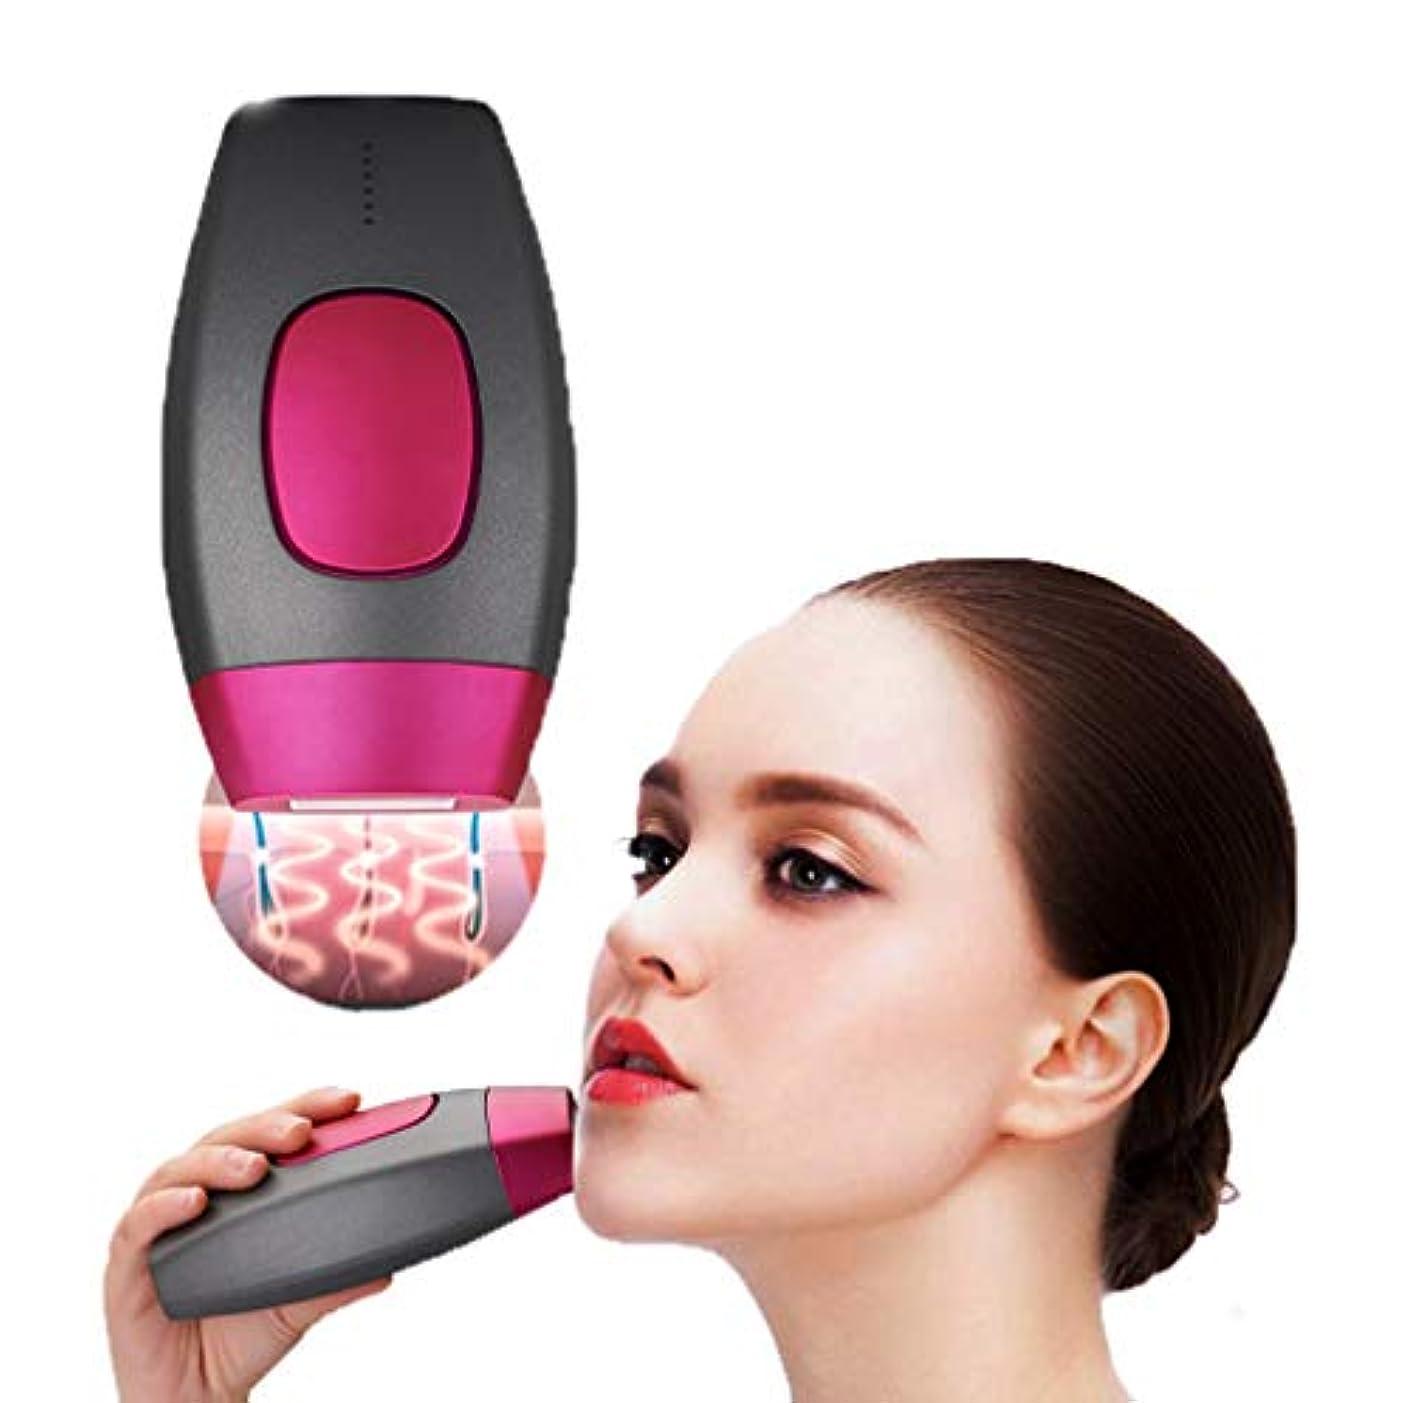 位置するテラス実現可能女性の男性の体の顔とビキニの家庭用ライトシステム痛みのない美容デバイスでのレーザー脱毛